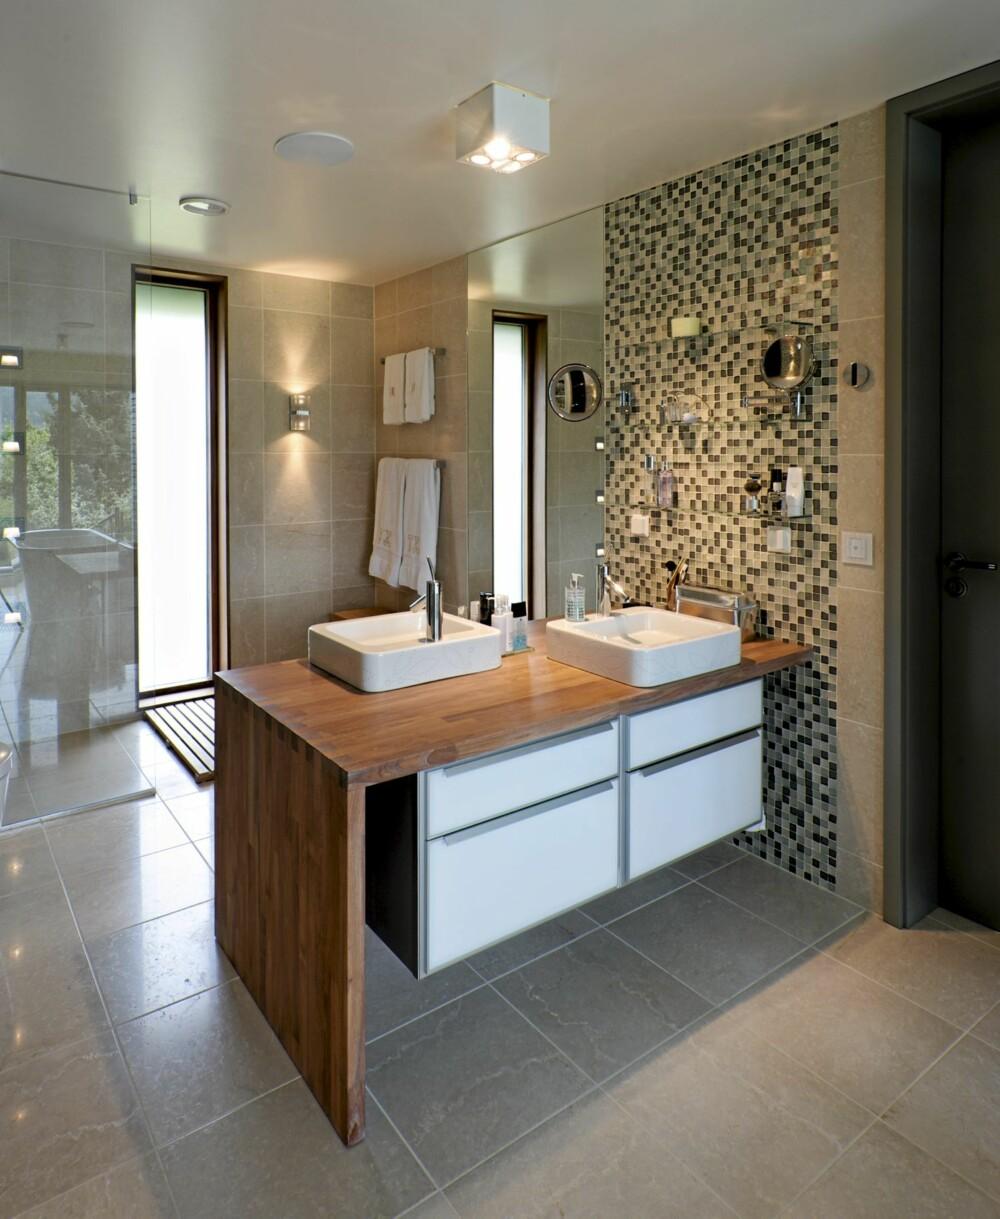 FRA TO KANTER: Store vinduer til begge sider slipper dagslyset inn i hele baderommet.